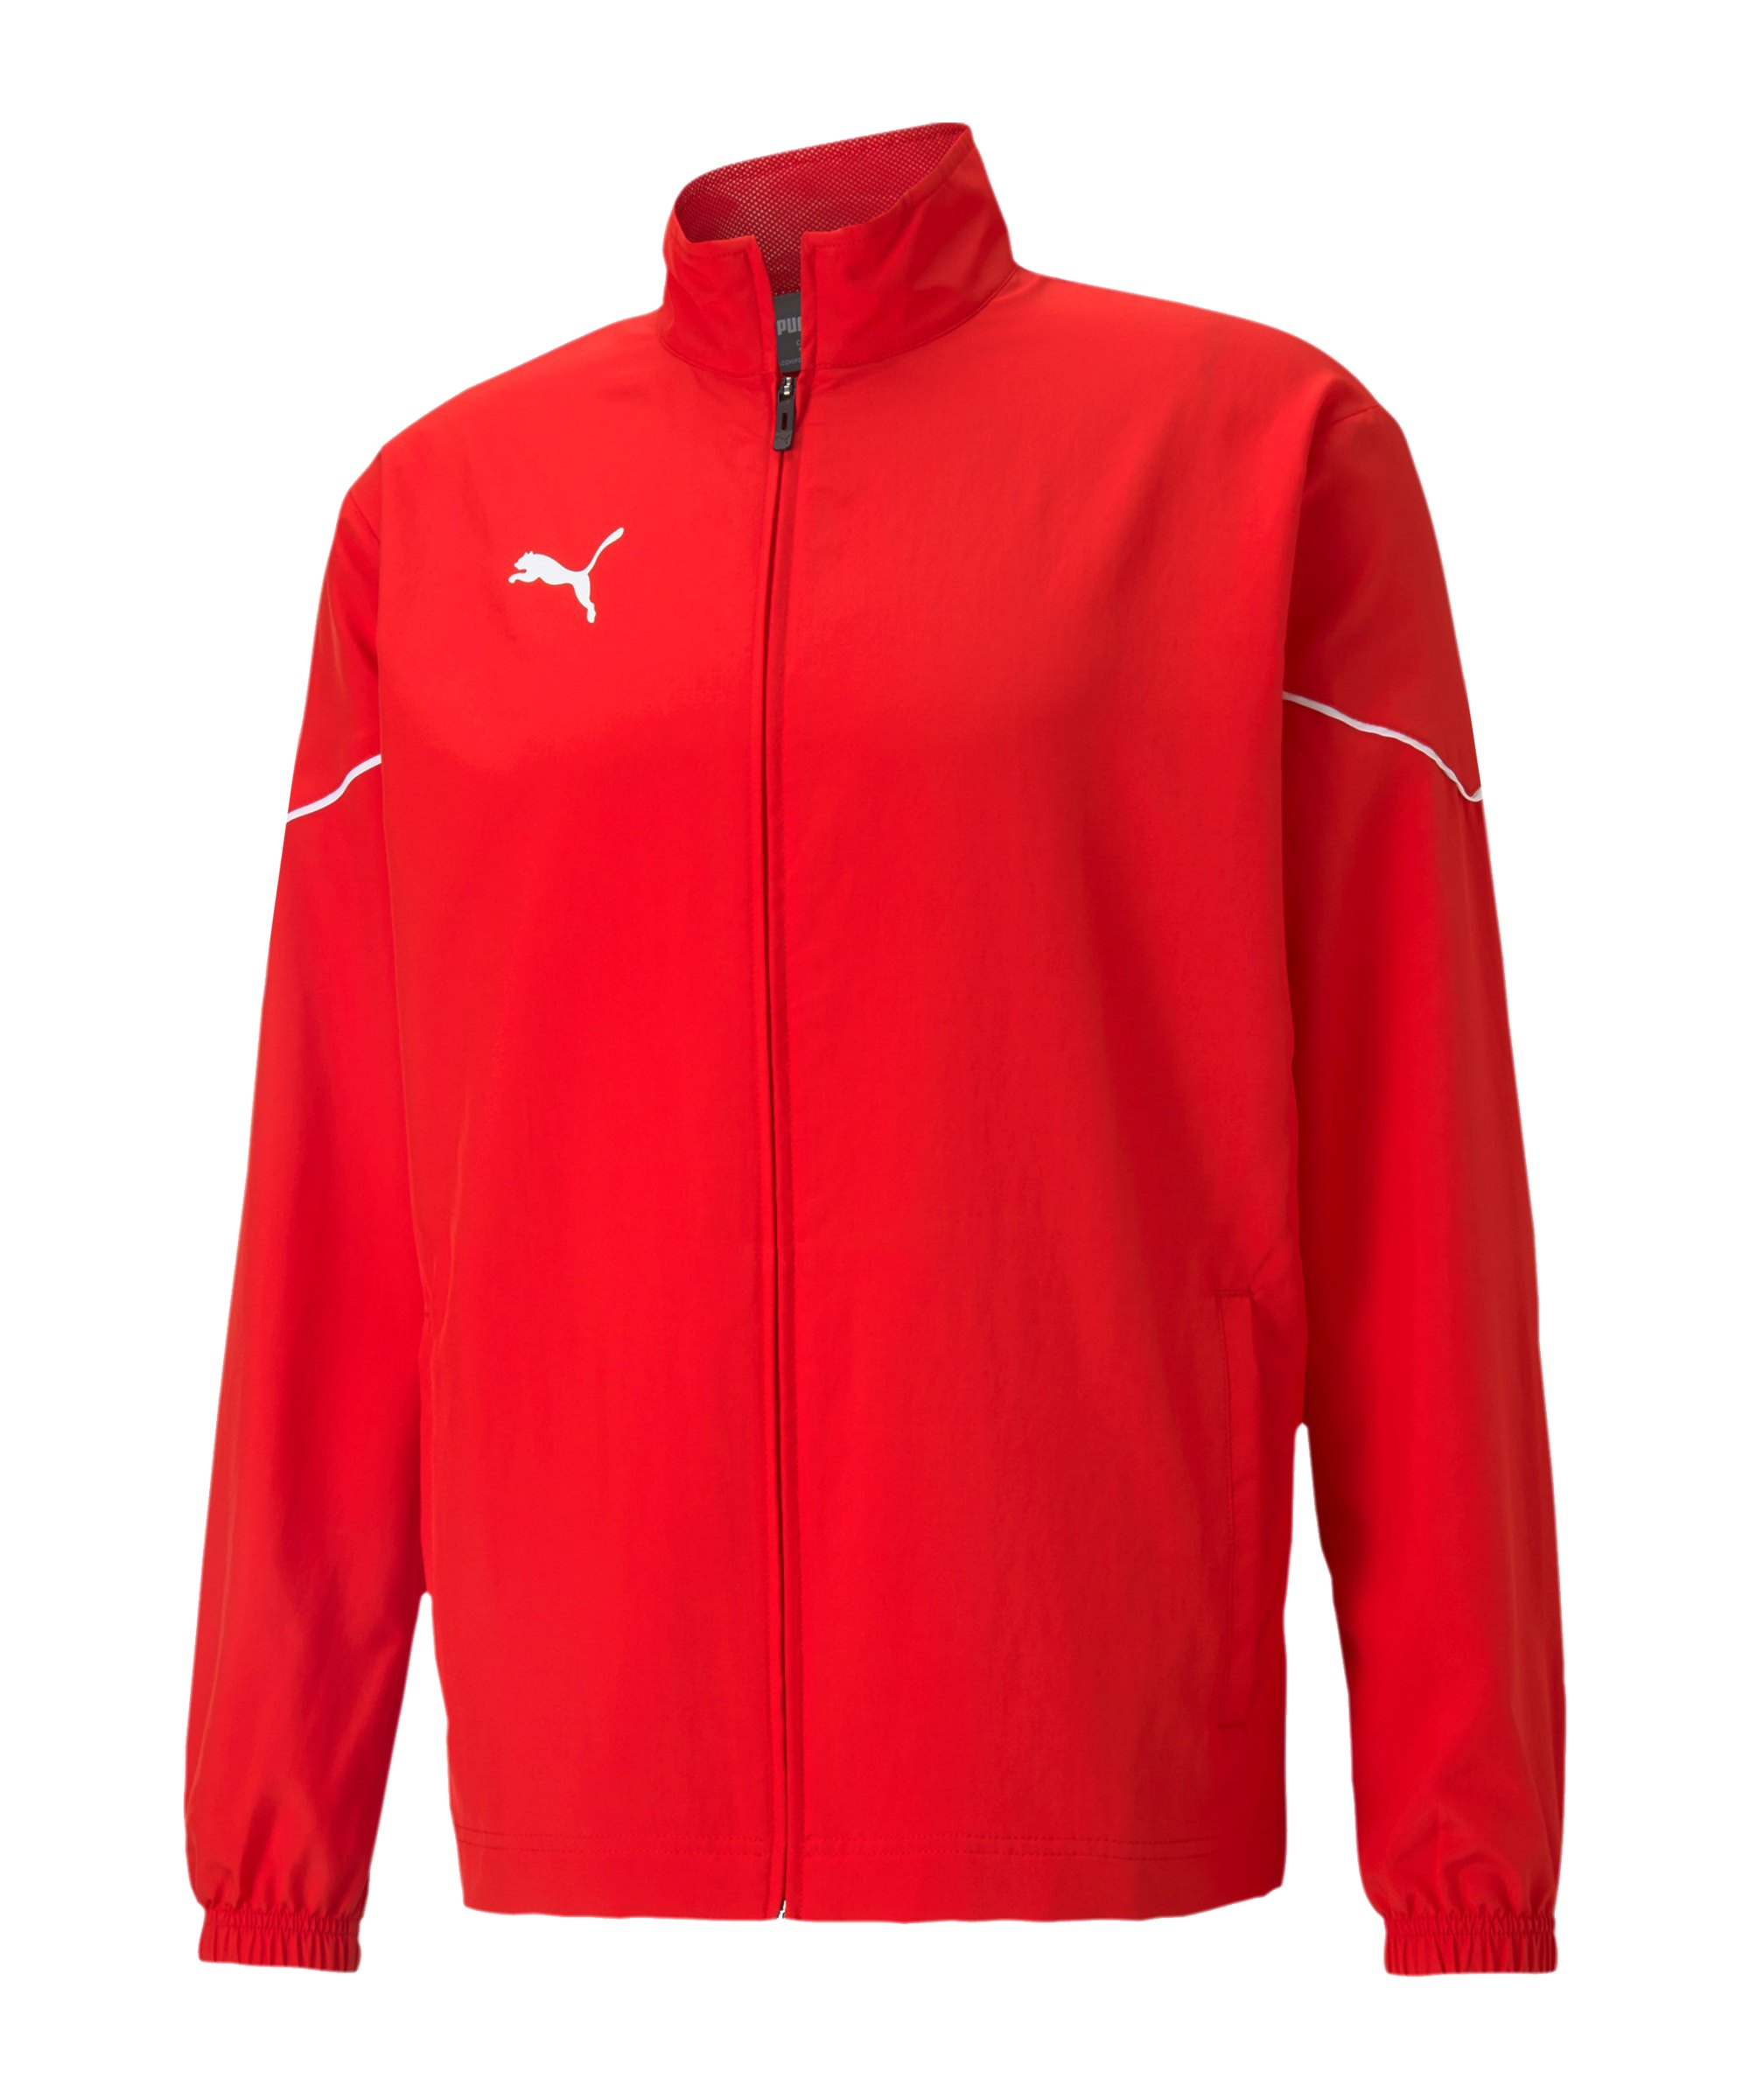 PUMA teamRISE Sideline Trainingsjacke Rot F01 - rot